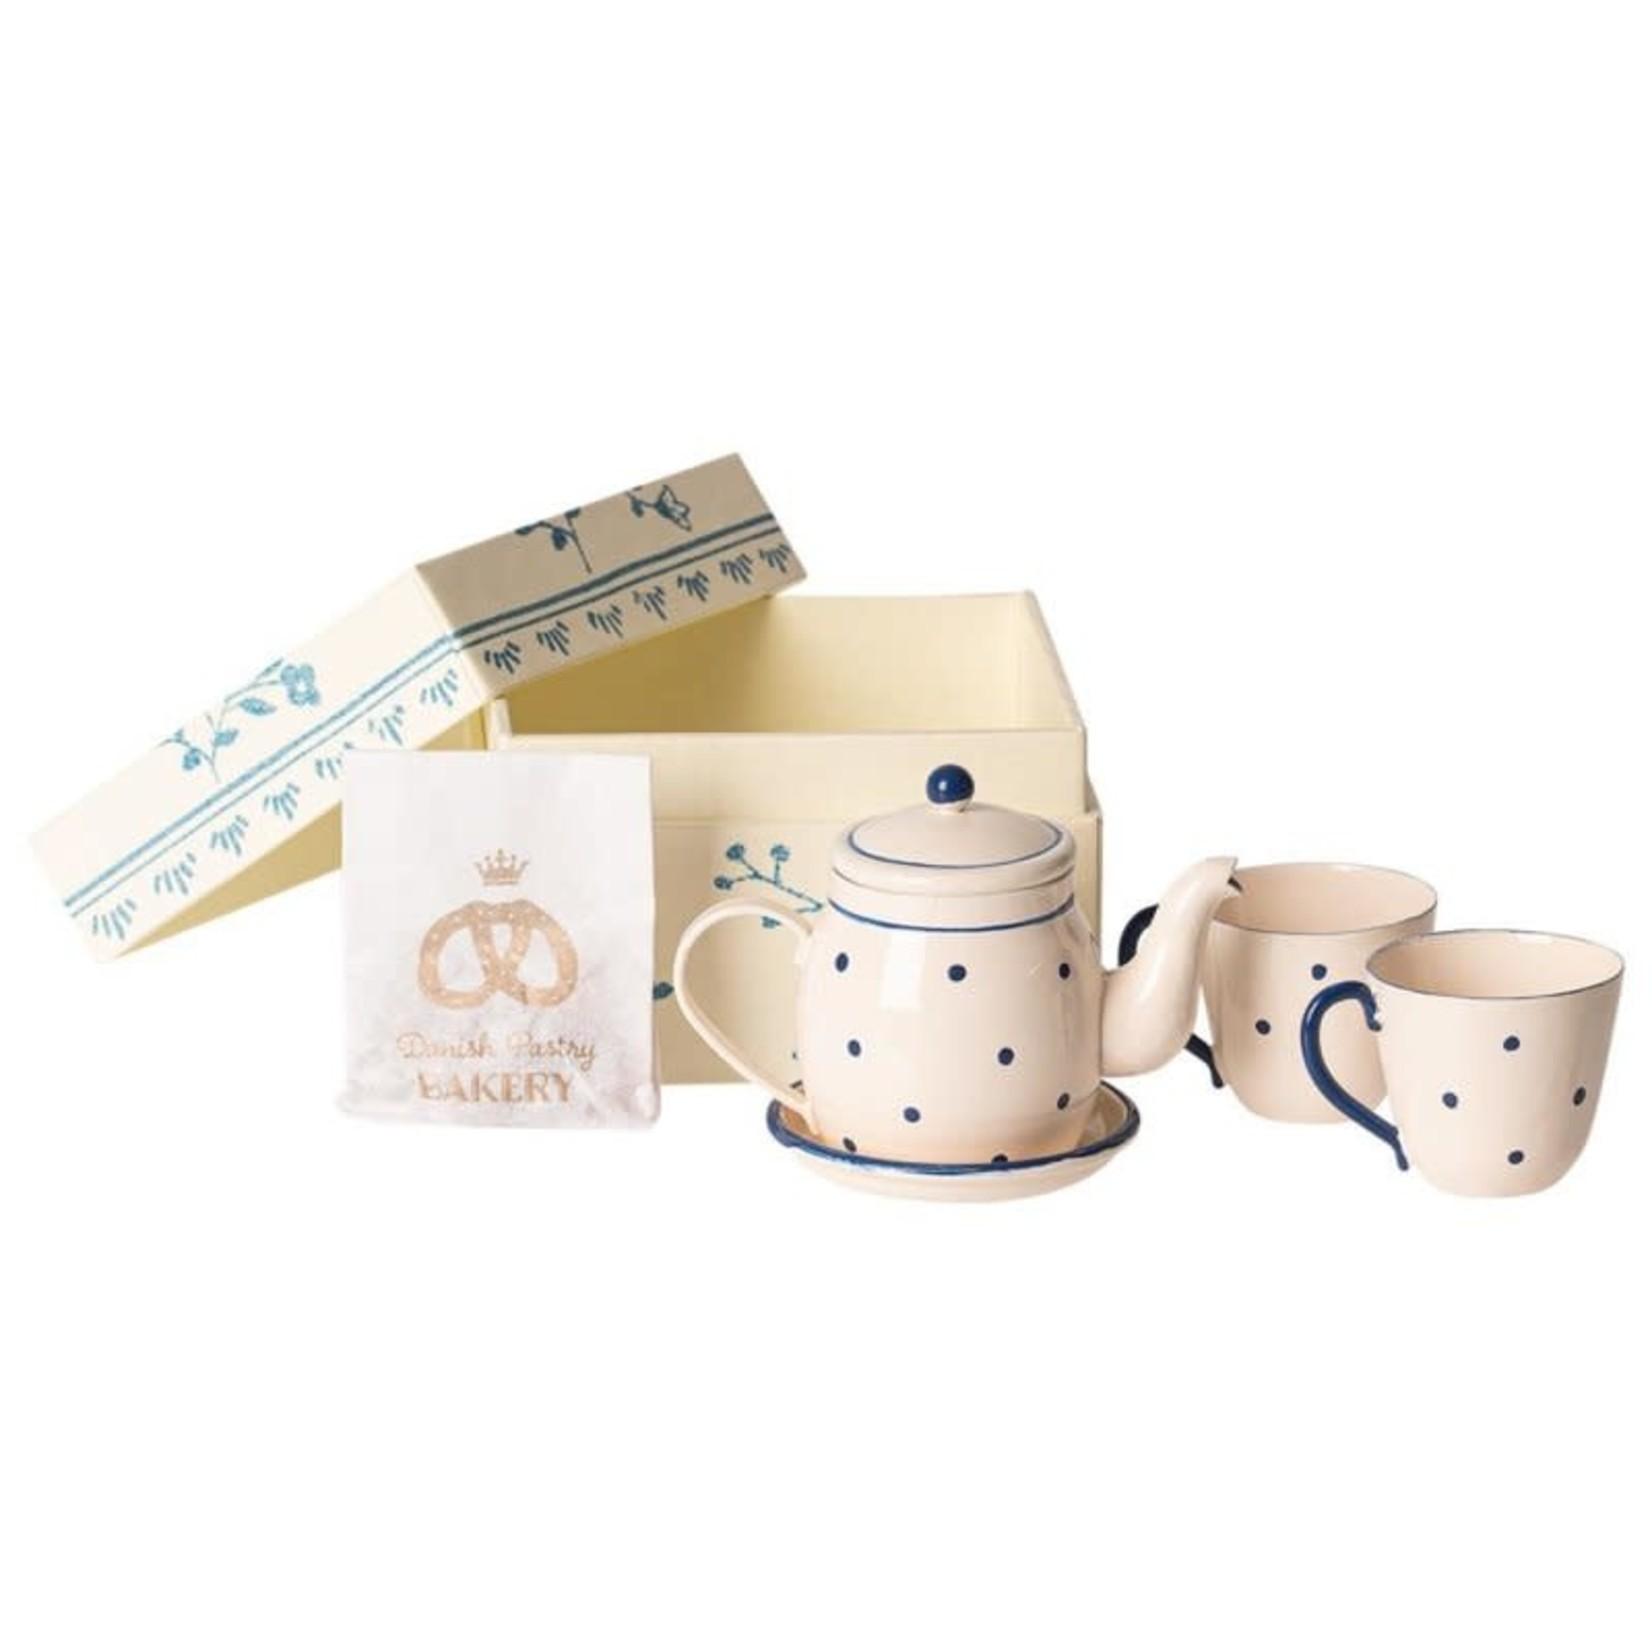 Maileg Tea & Biscuit - Maileg